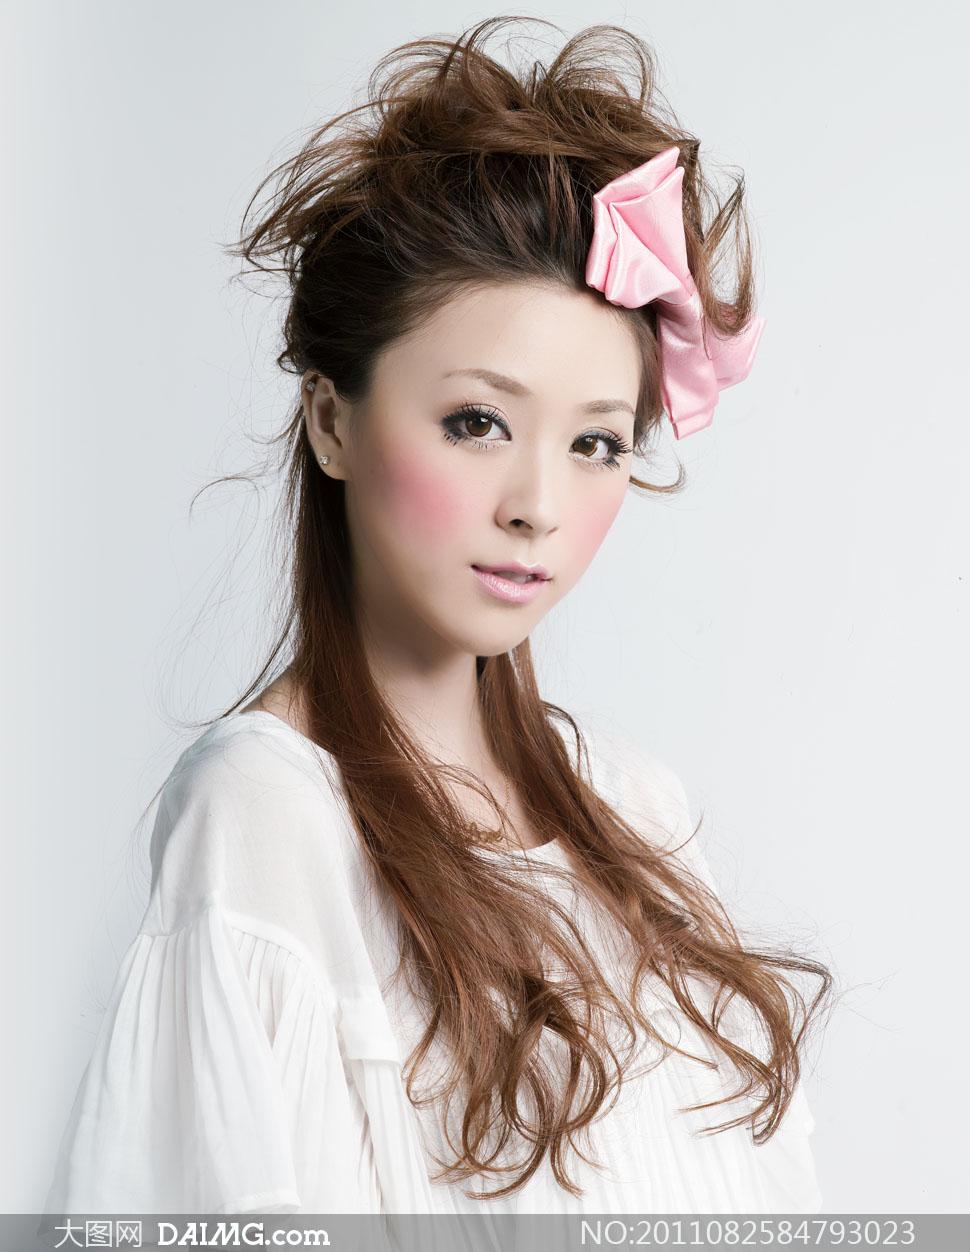 粉色蝴蝶结头饰装扮的美女人物高清摄影图片